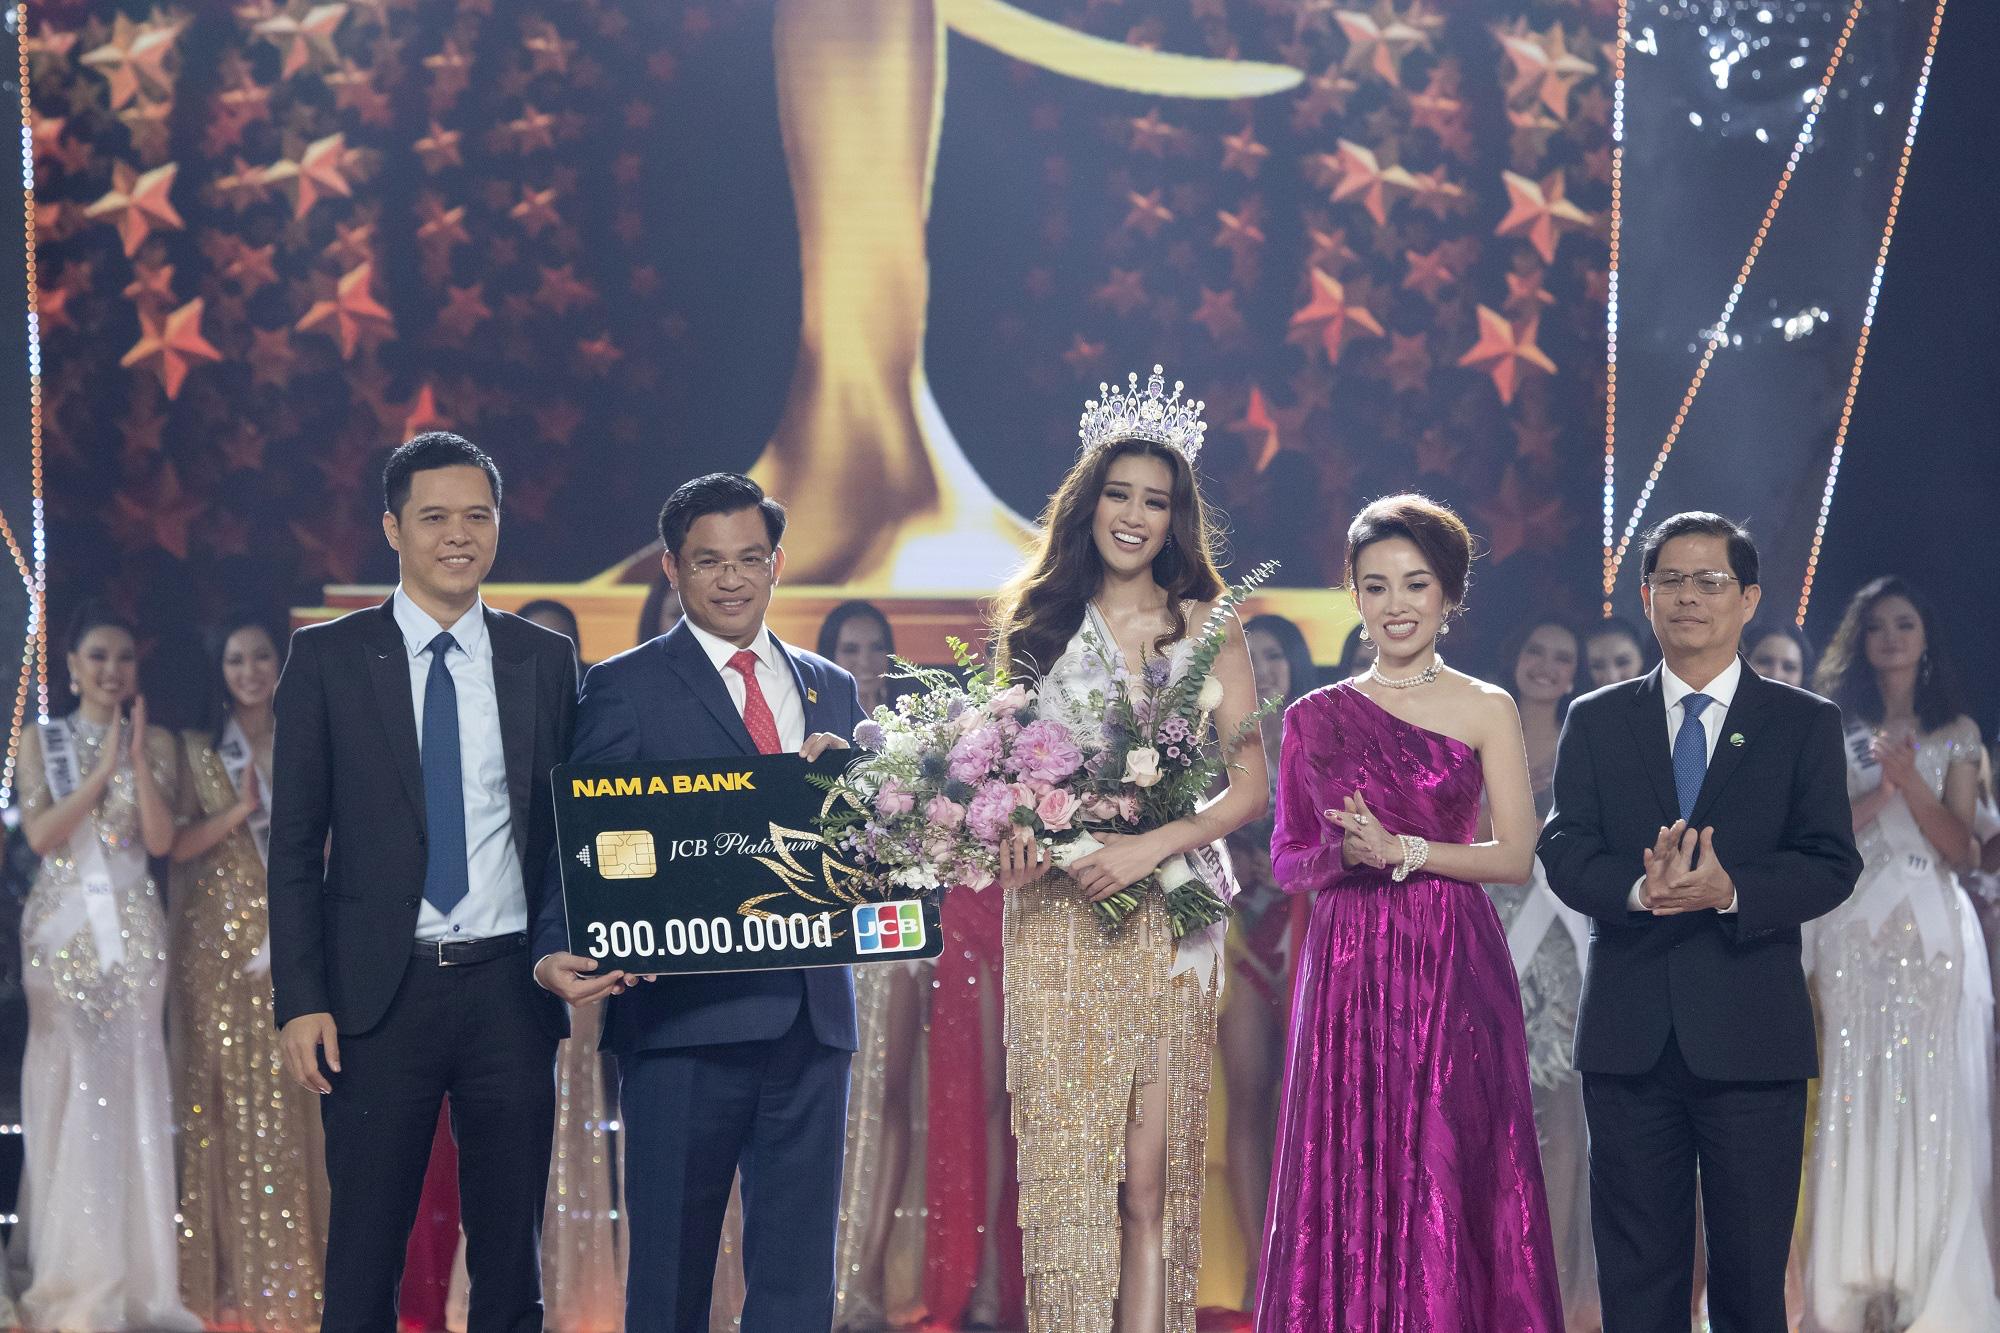 Nam A Bank trao thẻ JCB cho tân Hoa hậu Hoàn vũ Việt Nam 2019 - Ảnh 1.